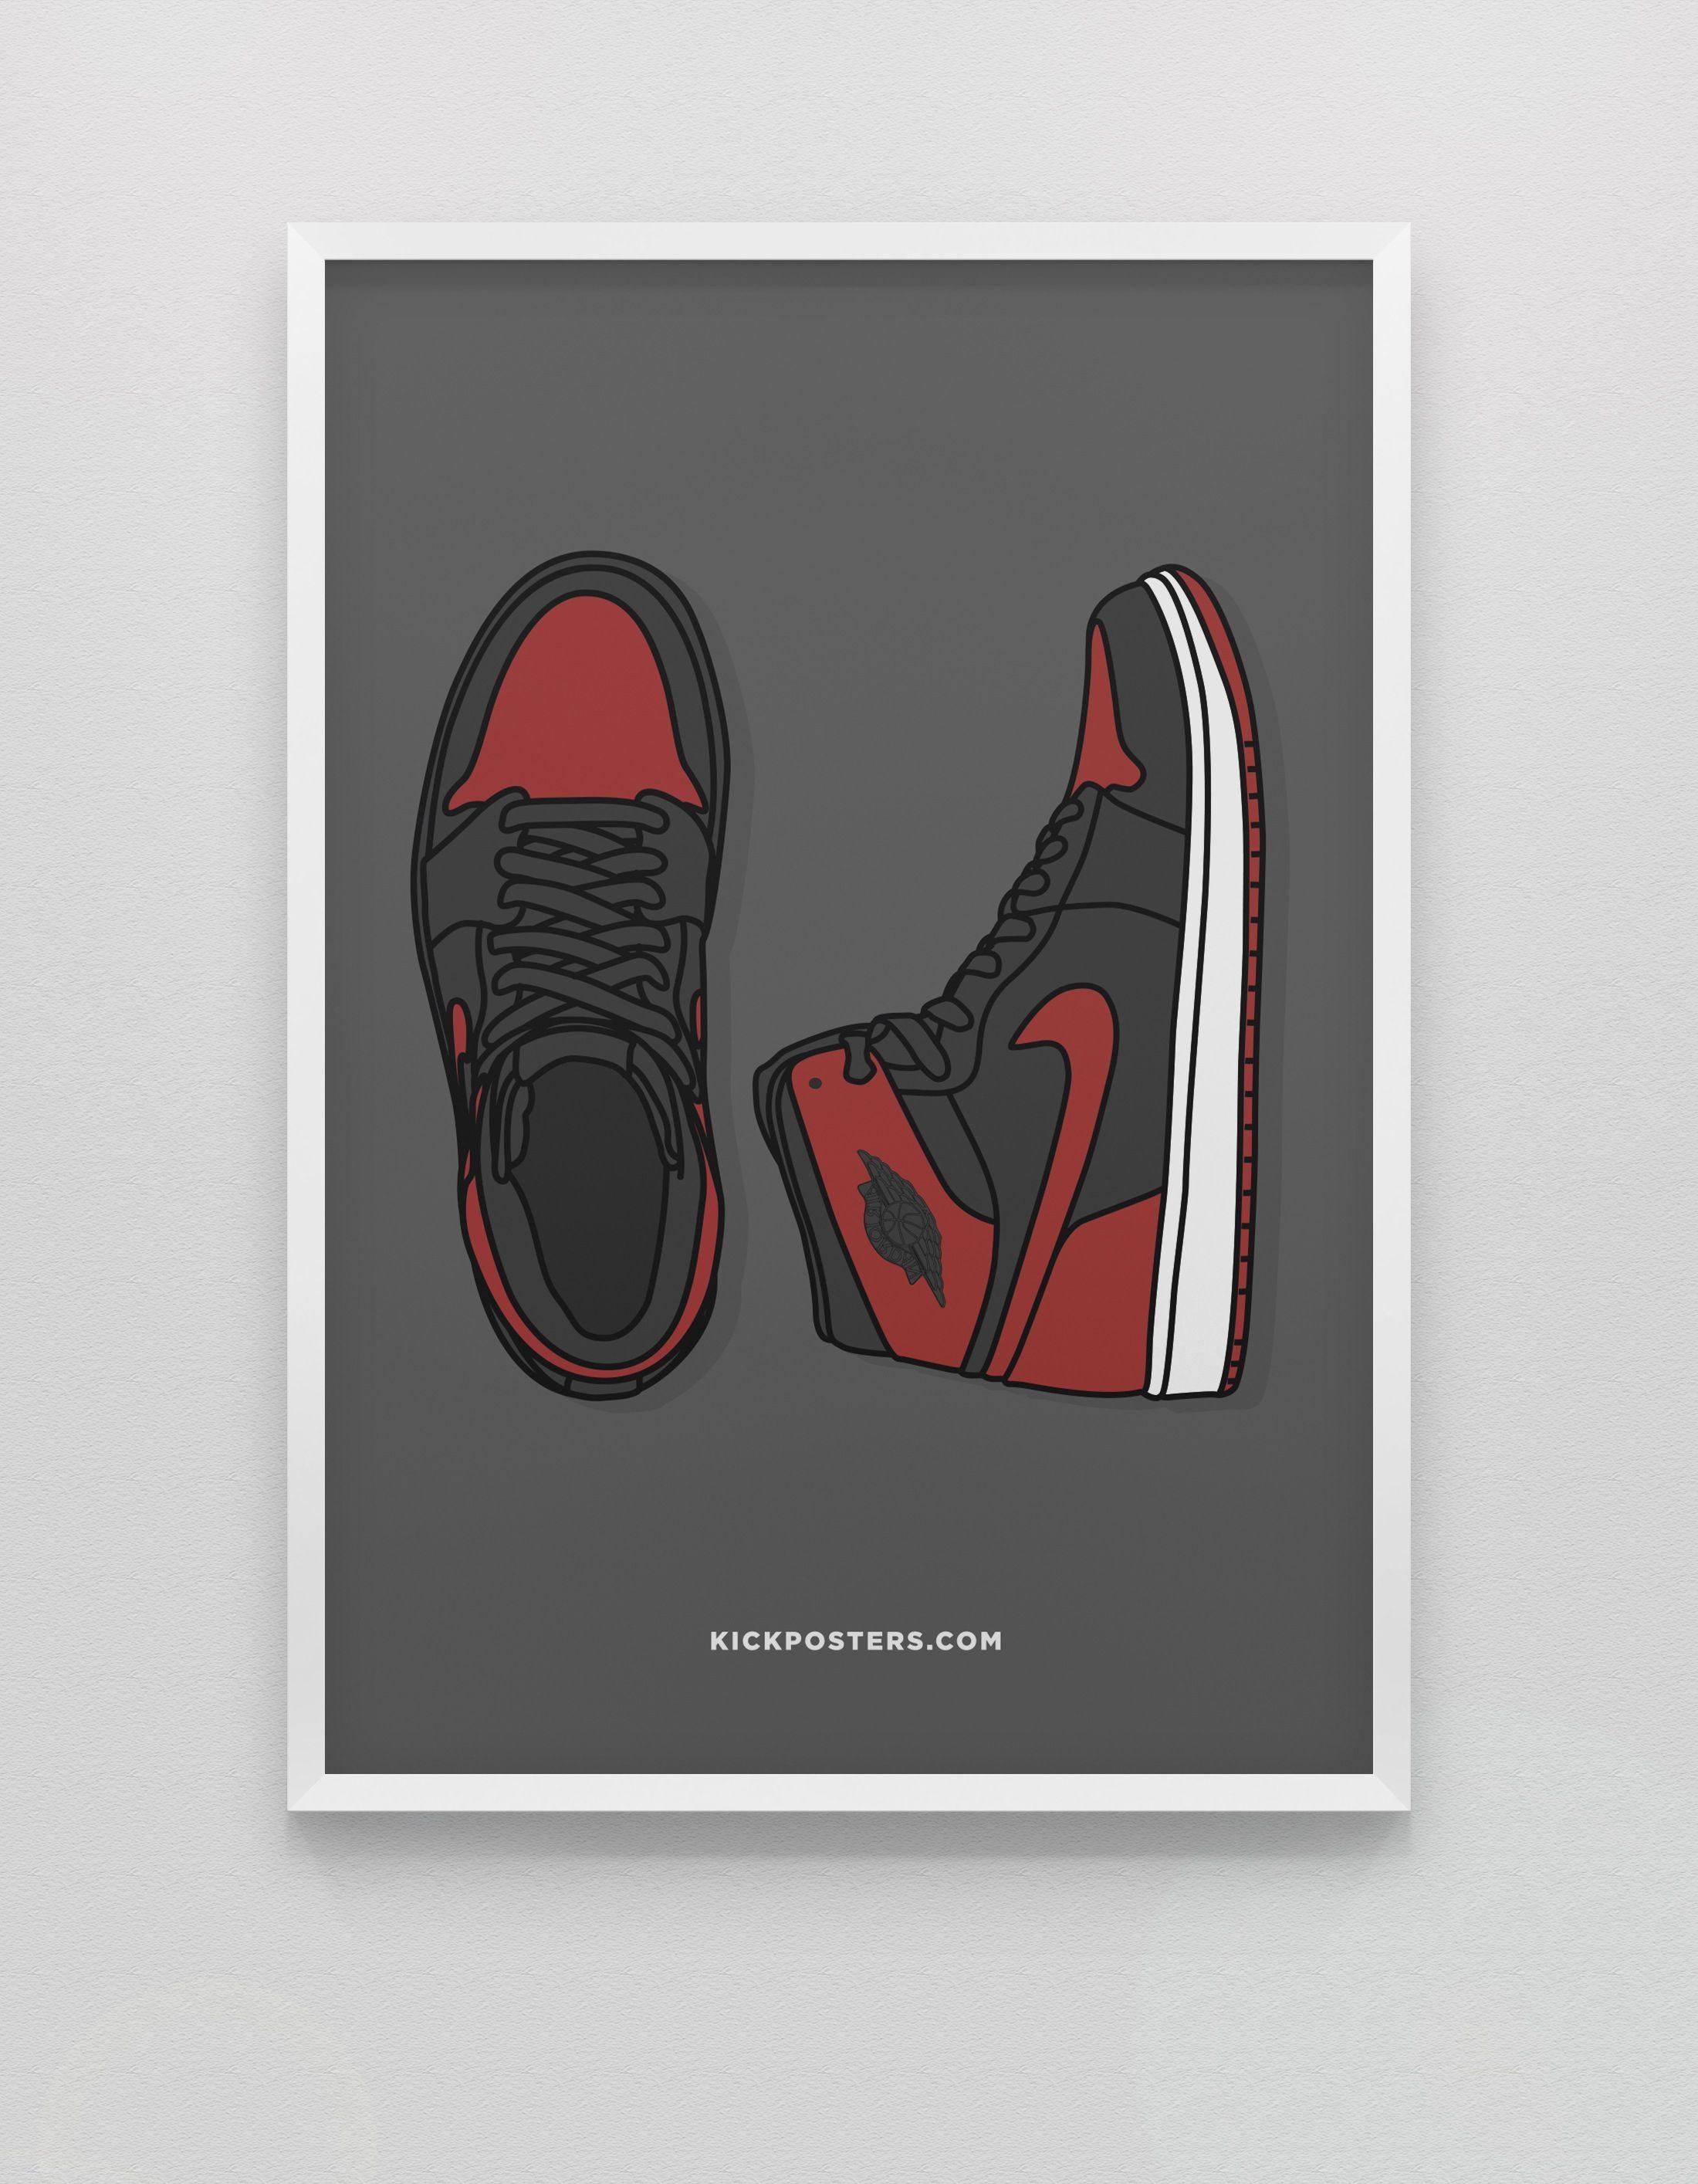 New Br Jordan 1 Bred Nike Art Sneaker Art Hypebeast Wallpaper